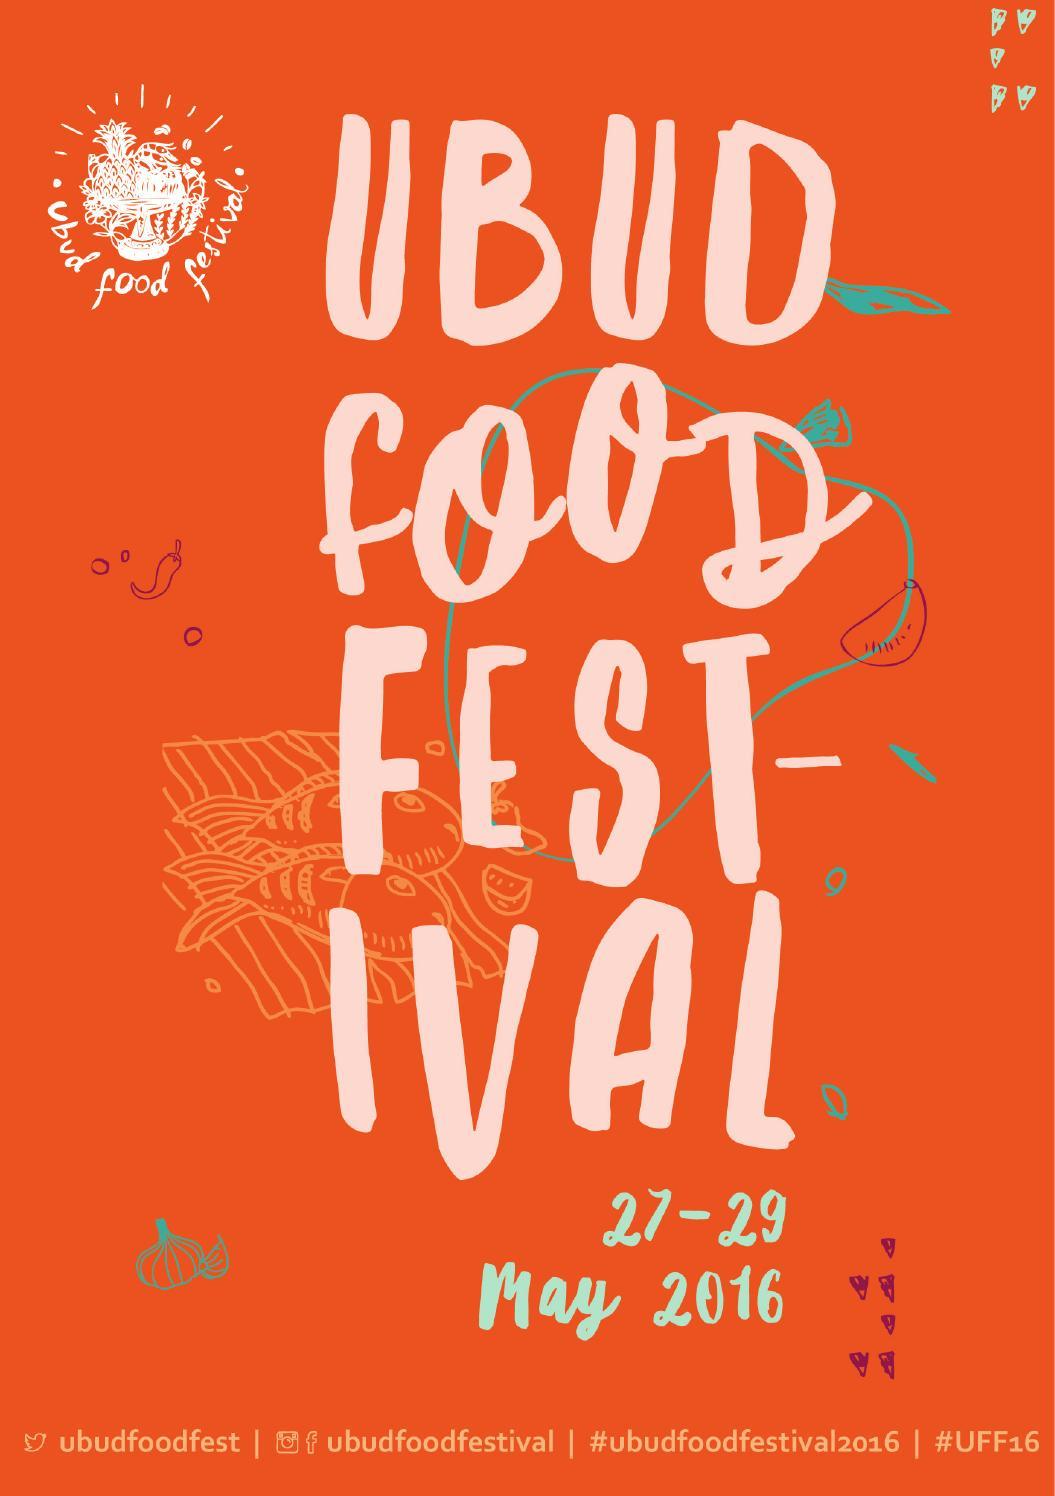 2016 Ubud Food Festival Program Book By Yayasan Mudra Swari